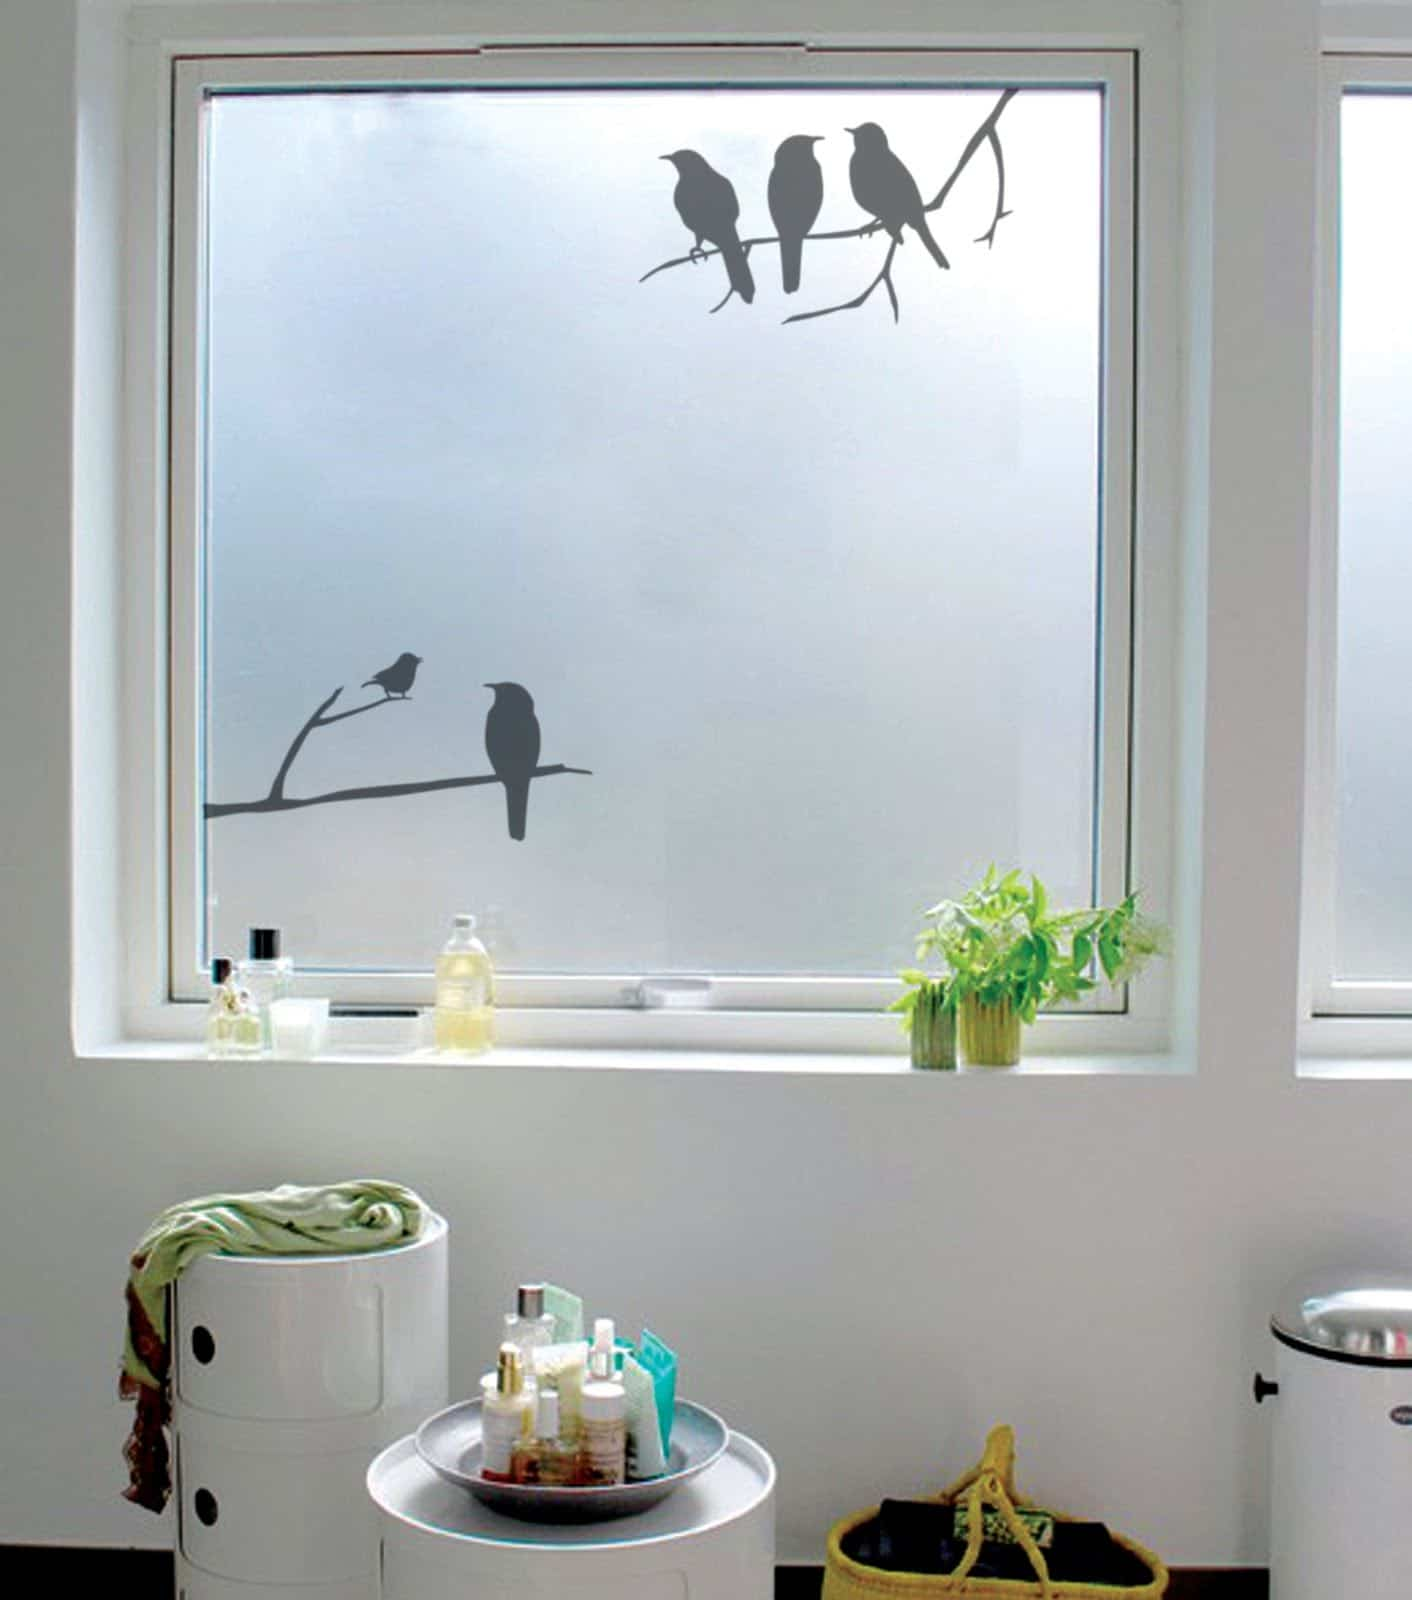 cristales-decorativos-para-ventanas-iv